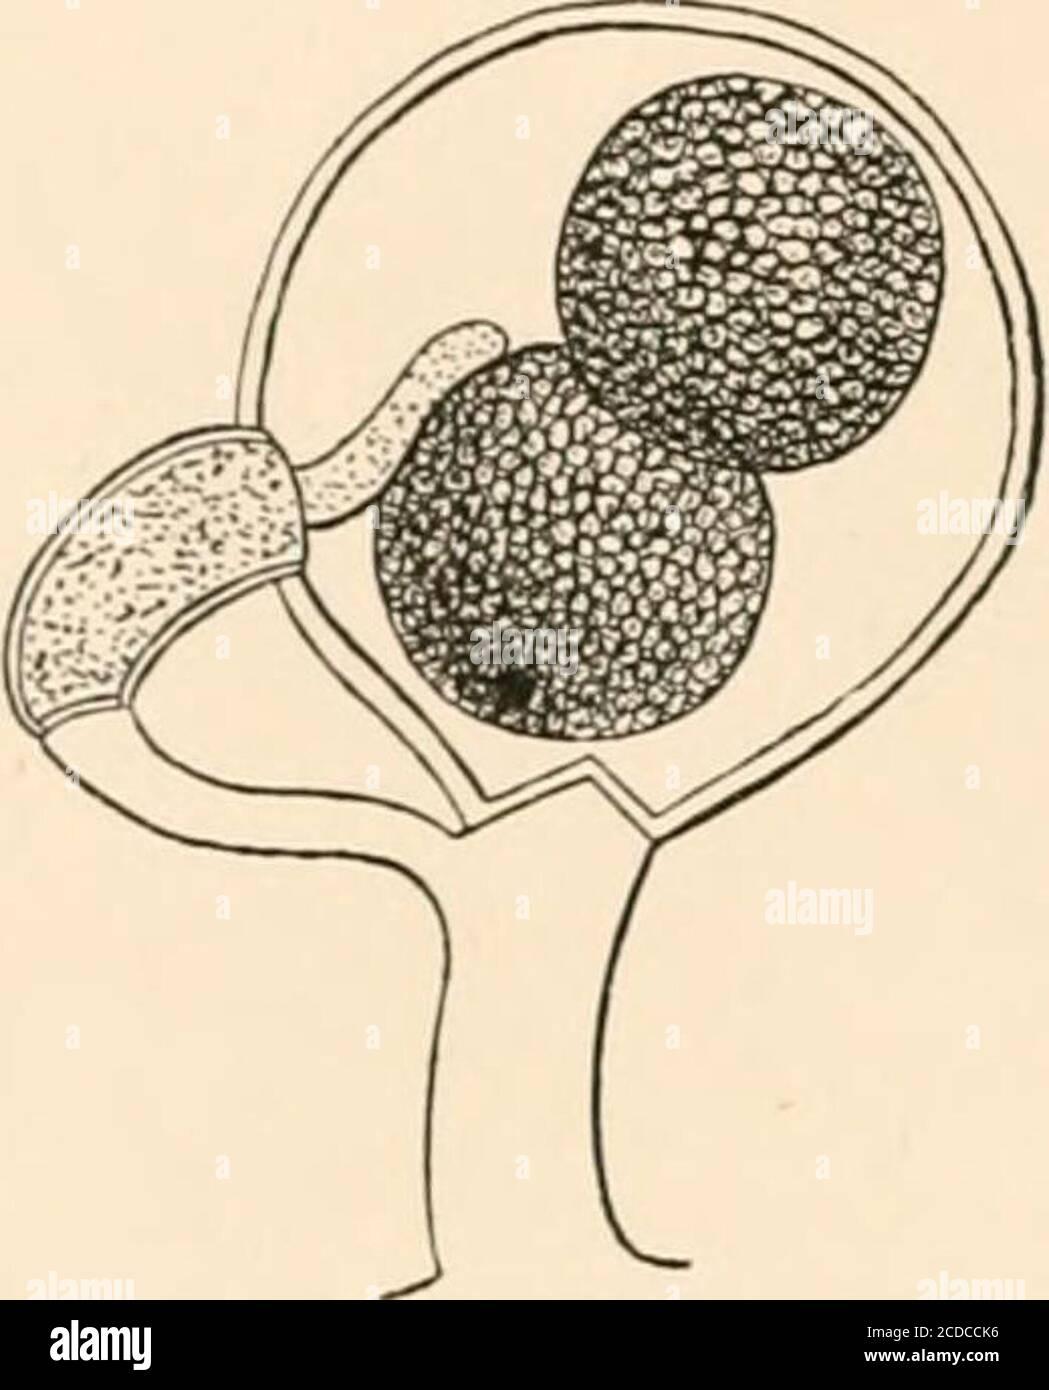 . Einführung in die Studie von Pilzen, ihre Organographie, Klassifizierung und Verteilung für den Einsatz von Sammlern . von XicWya. Aber neigen zum Oogonium. TheirAfter DeBary. ^^^^ Extremität wird eng an der Wand angebracht, und wird leicht aufgeblasen oben, und abgeschnitten unten durch Aseptum. Es ist dann eine längliche Zelle, oder Antheridium, gefüllt mit Protoplasma. Jedes Oogonium besitzt eine oder mehrere der Erdtheridien. In der Zeit, in der die Oogonium gebildet werden, projiziert jedes Antheridium in das Innere des Oogonium ein oder mehr röhrenförmige Prozesse, die durch ihre Extremitiesto die angewendet werden Stockfoto